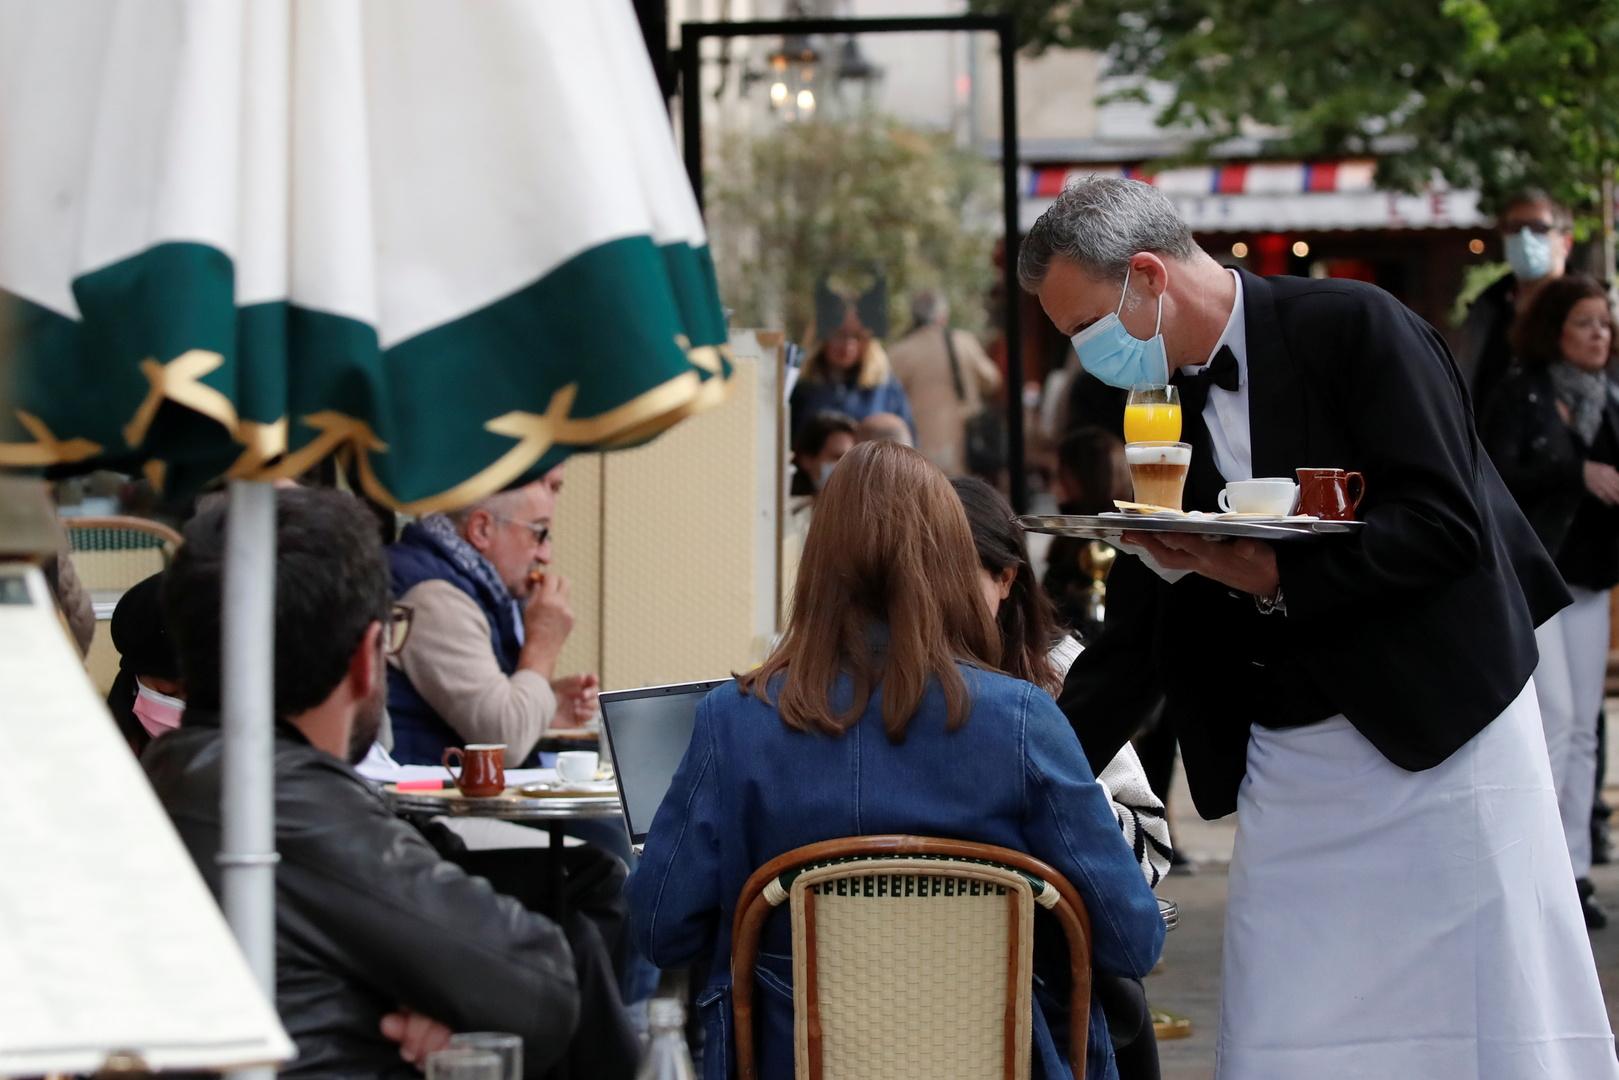 فرنسا.. تدابير جديدة ضمن قانون مكافحة التبذير وإهدار الطعام